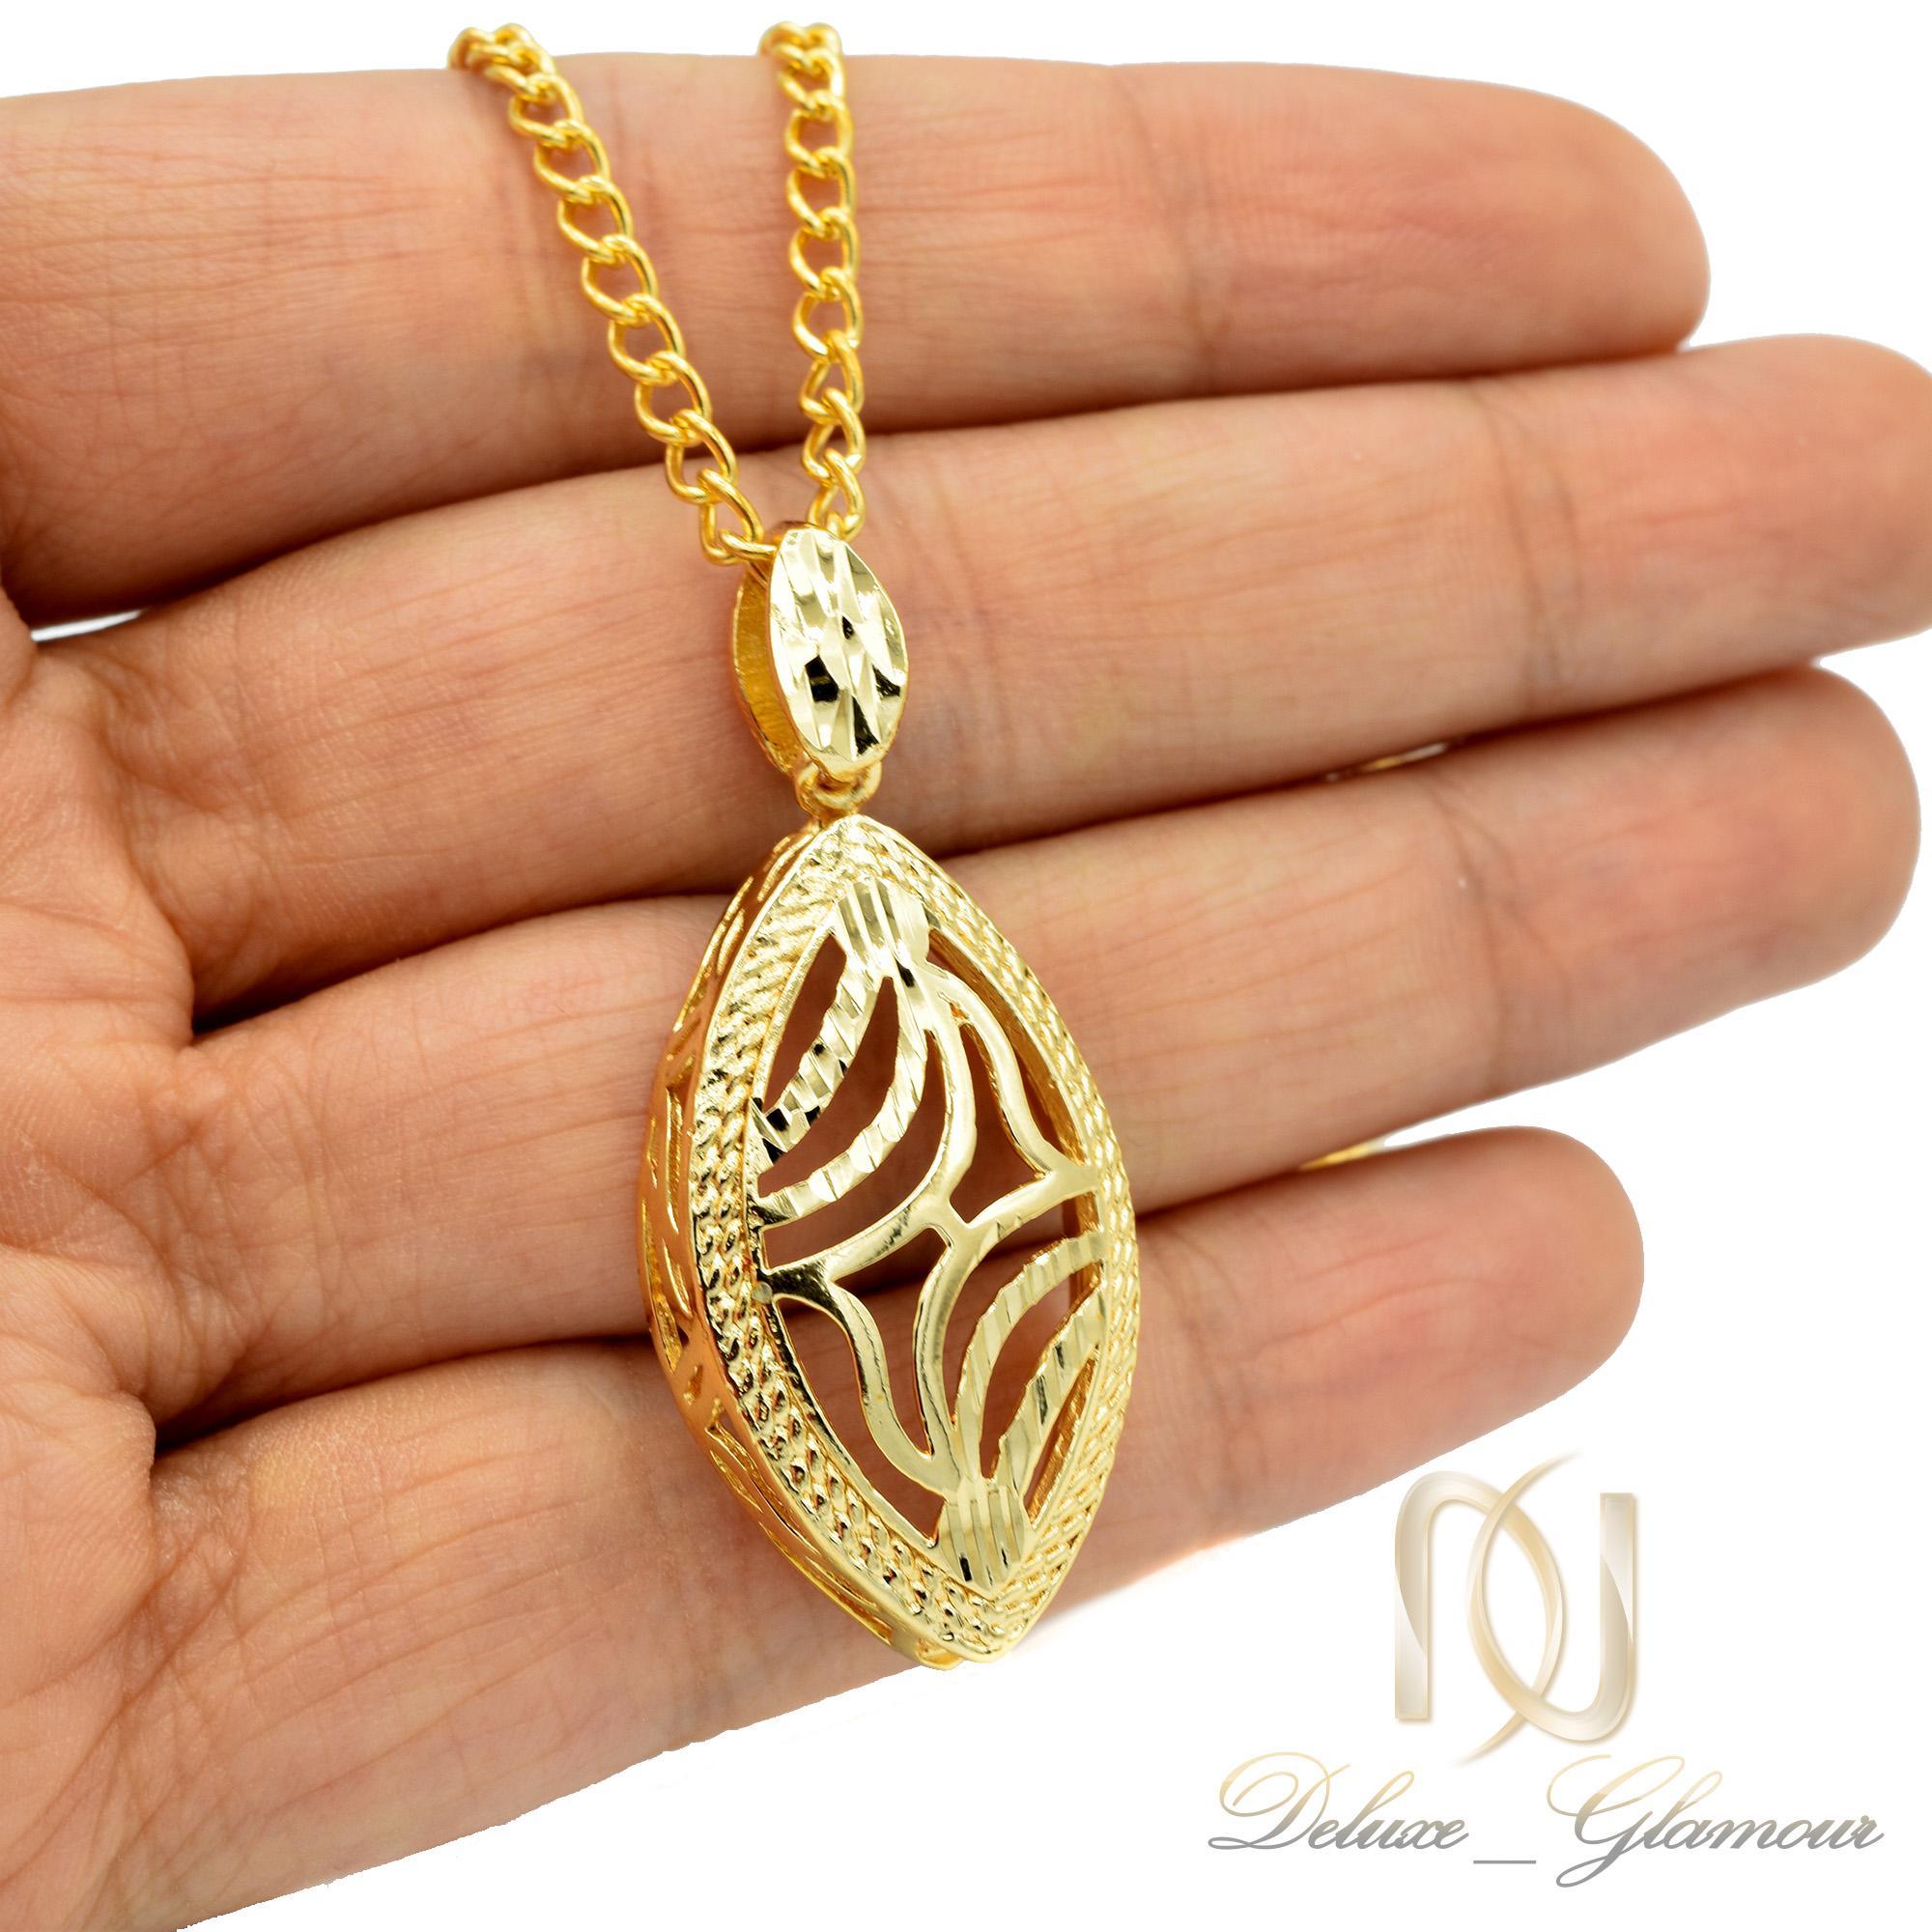 گردنبند زنانه برنجی طرح طلا nw-n458 از نمای روی دست